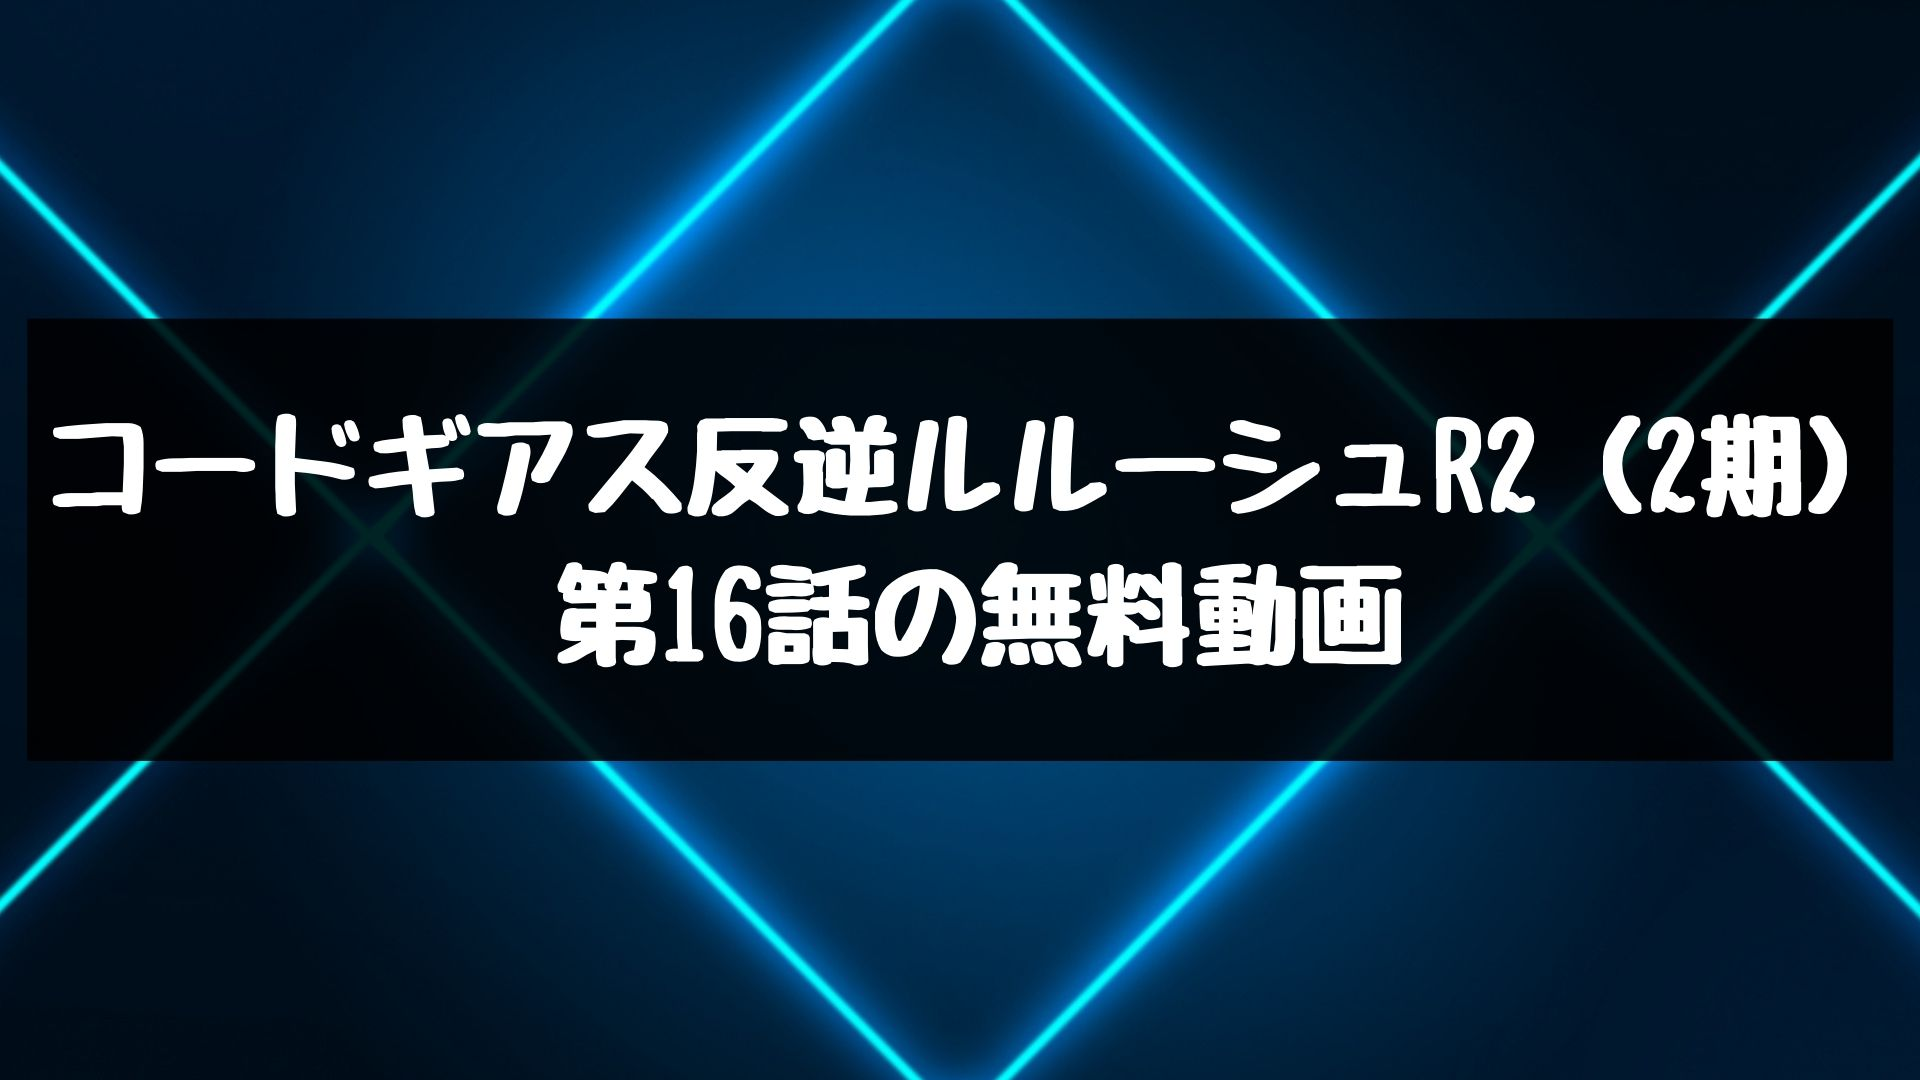 コードギアス反逆ルルーシュR2(2期) 第16話の無料動画